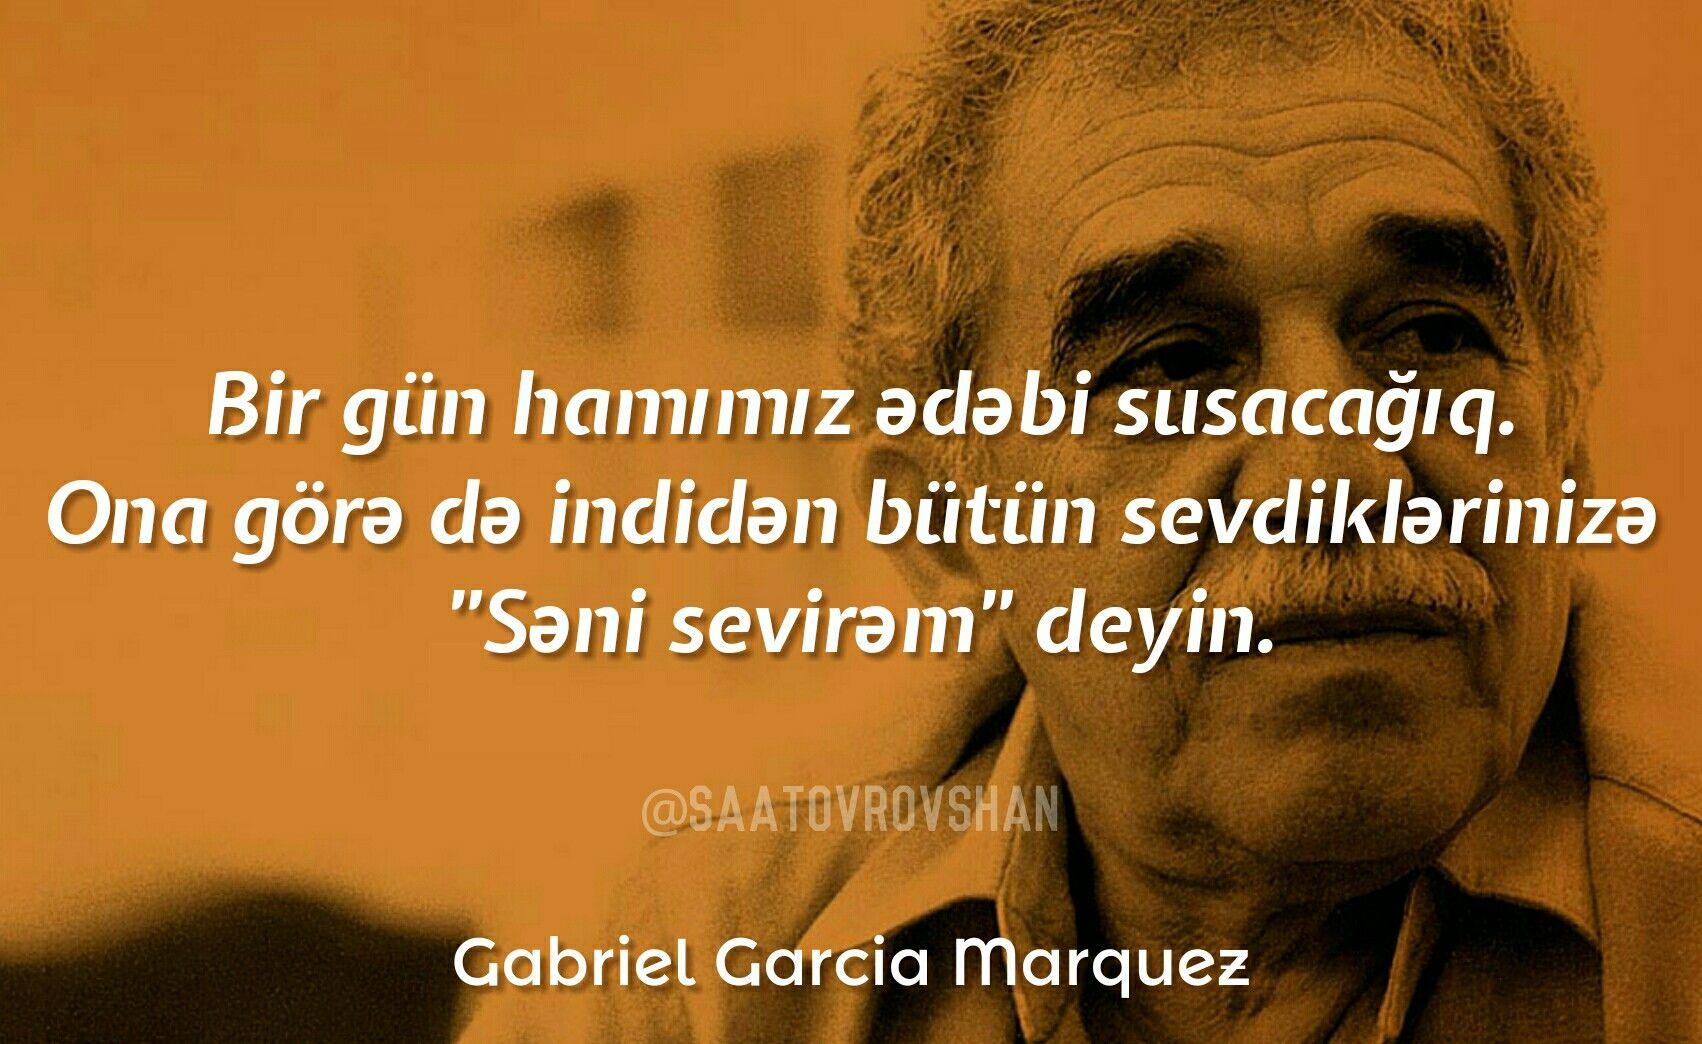 Bir Gun Hamimiz ədəbi Susacagiq Ona Gorə Də Indidən Butun Sevdiklərinizə Səni Sevirəm Deyin Gabriel Garcia M Gabriel Garcia Marquez Garcia Marquez Marquez